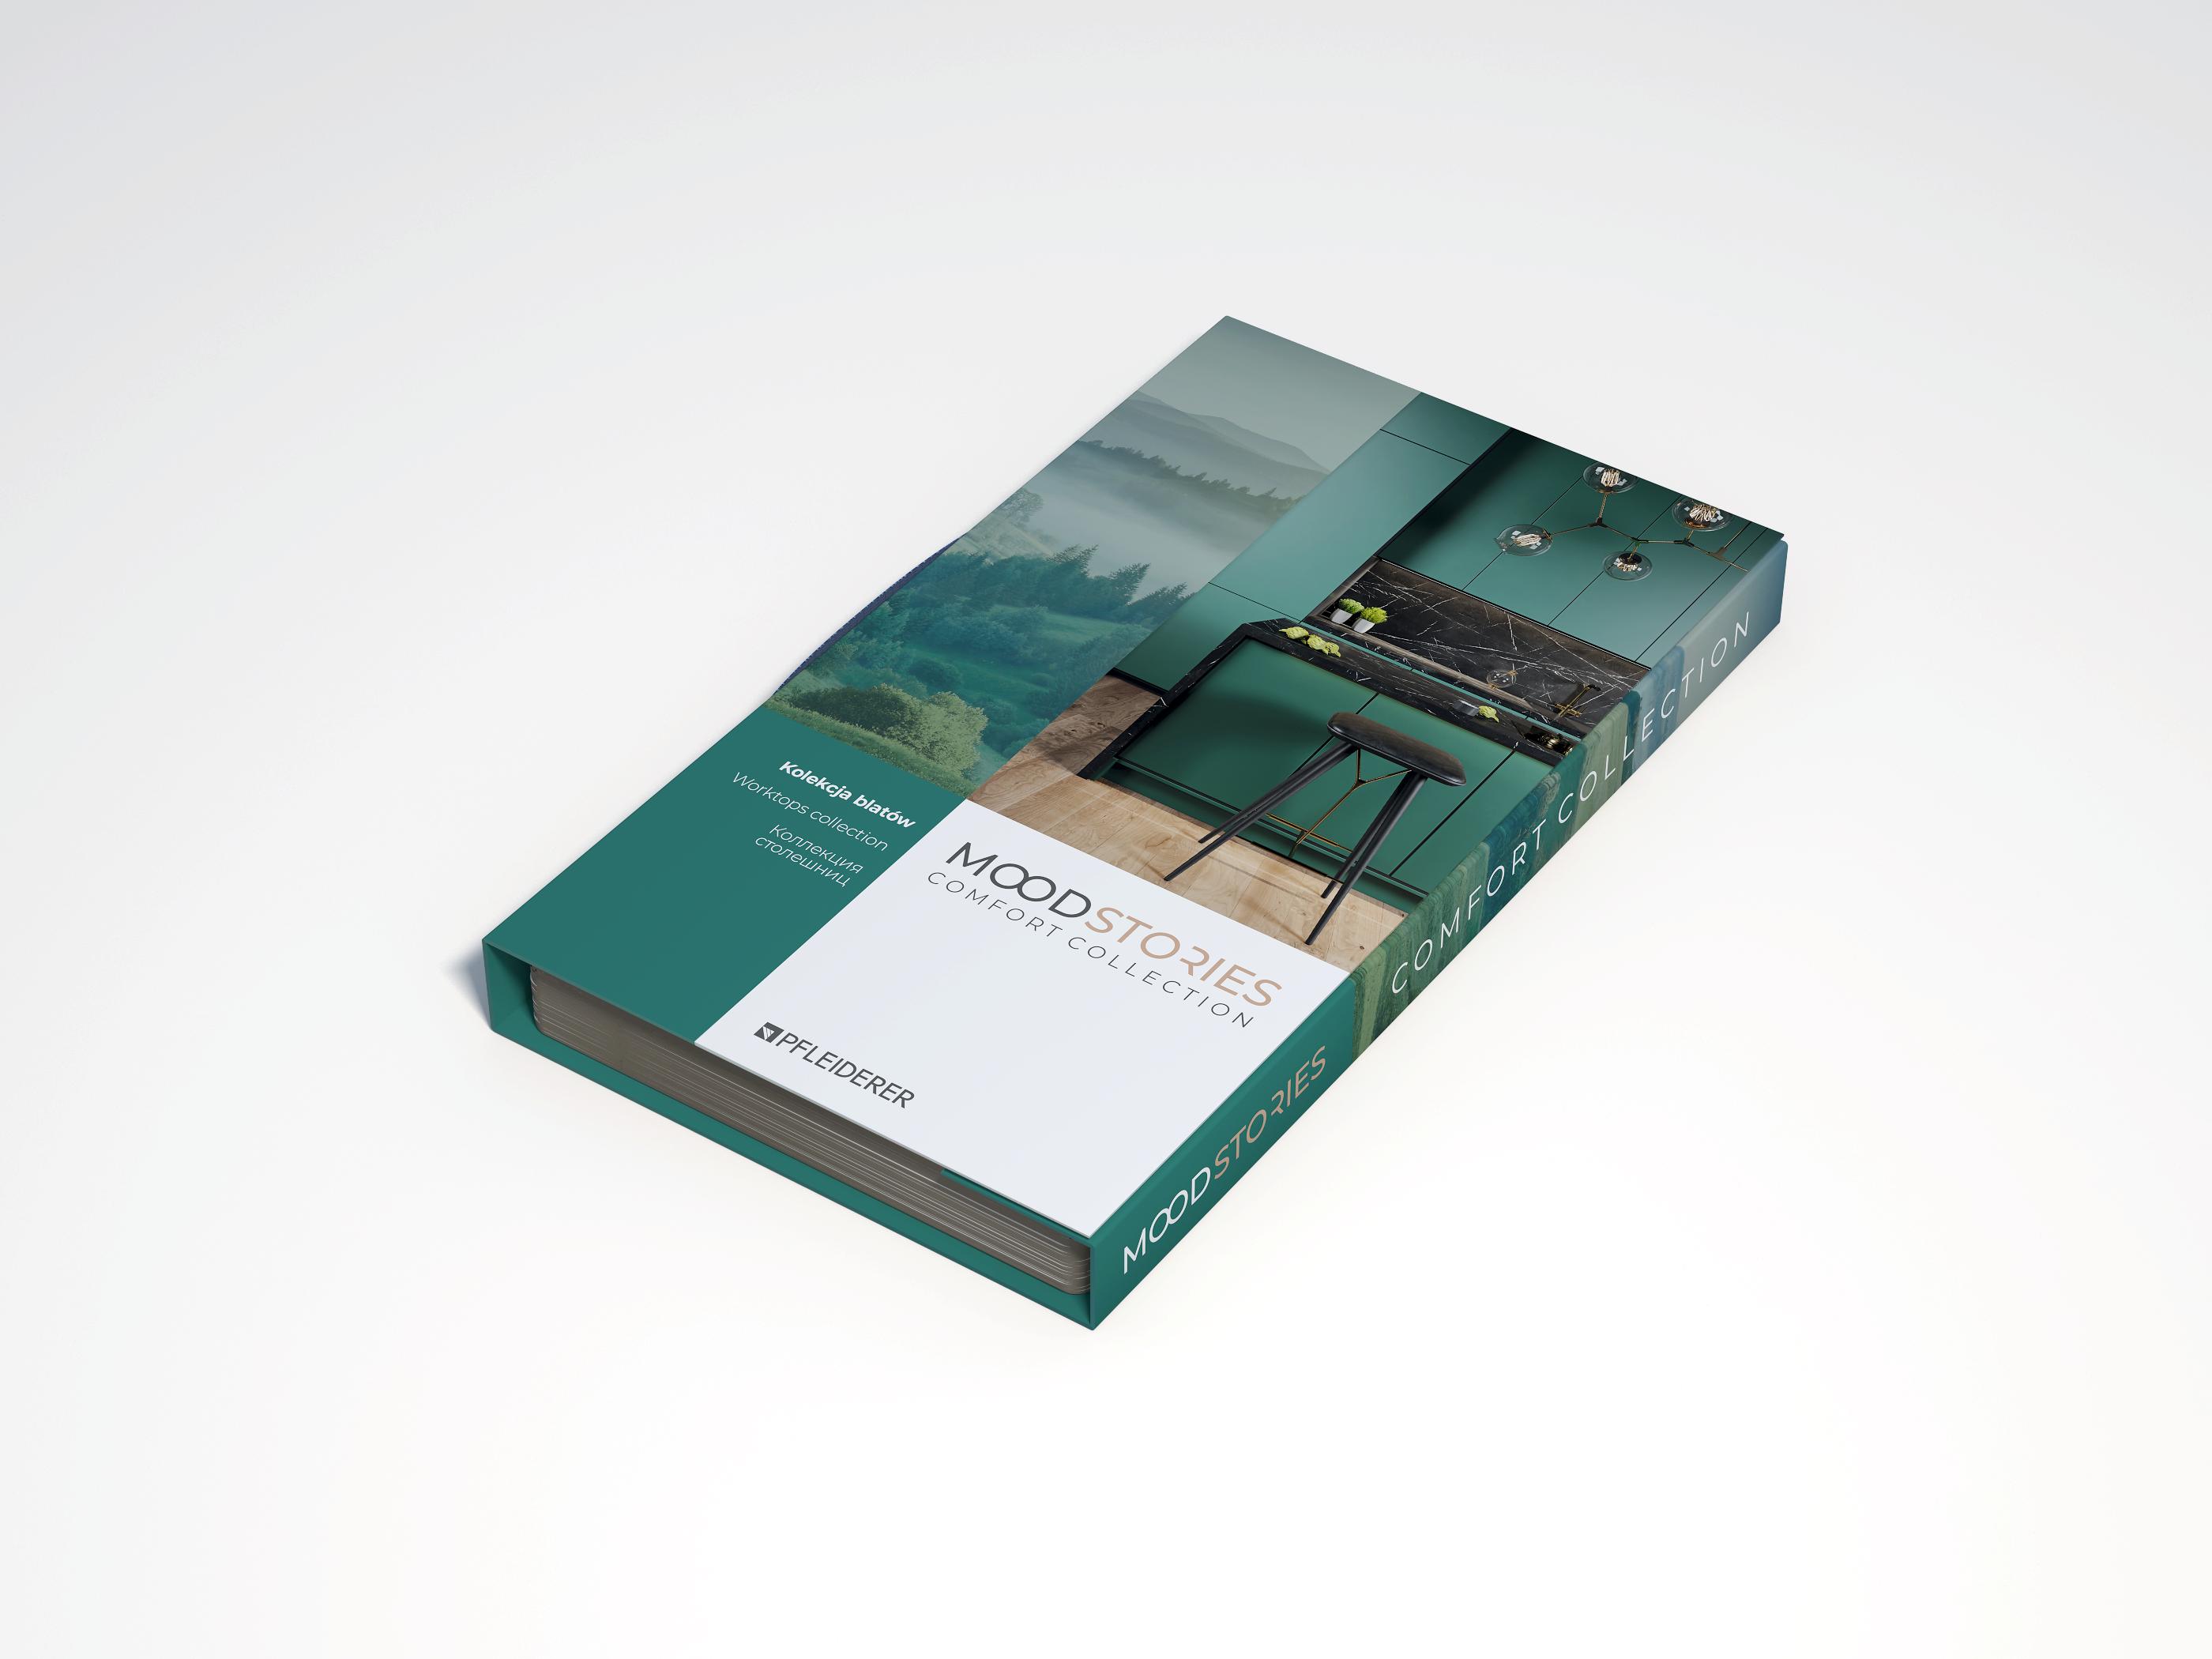 Wzornik Premium blatów roboczych i ścianek przyblatowych kolekcji Mood Stories Comfort Collection